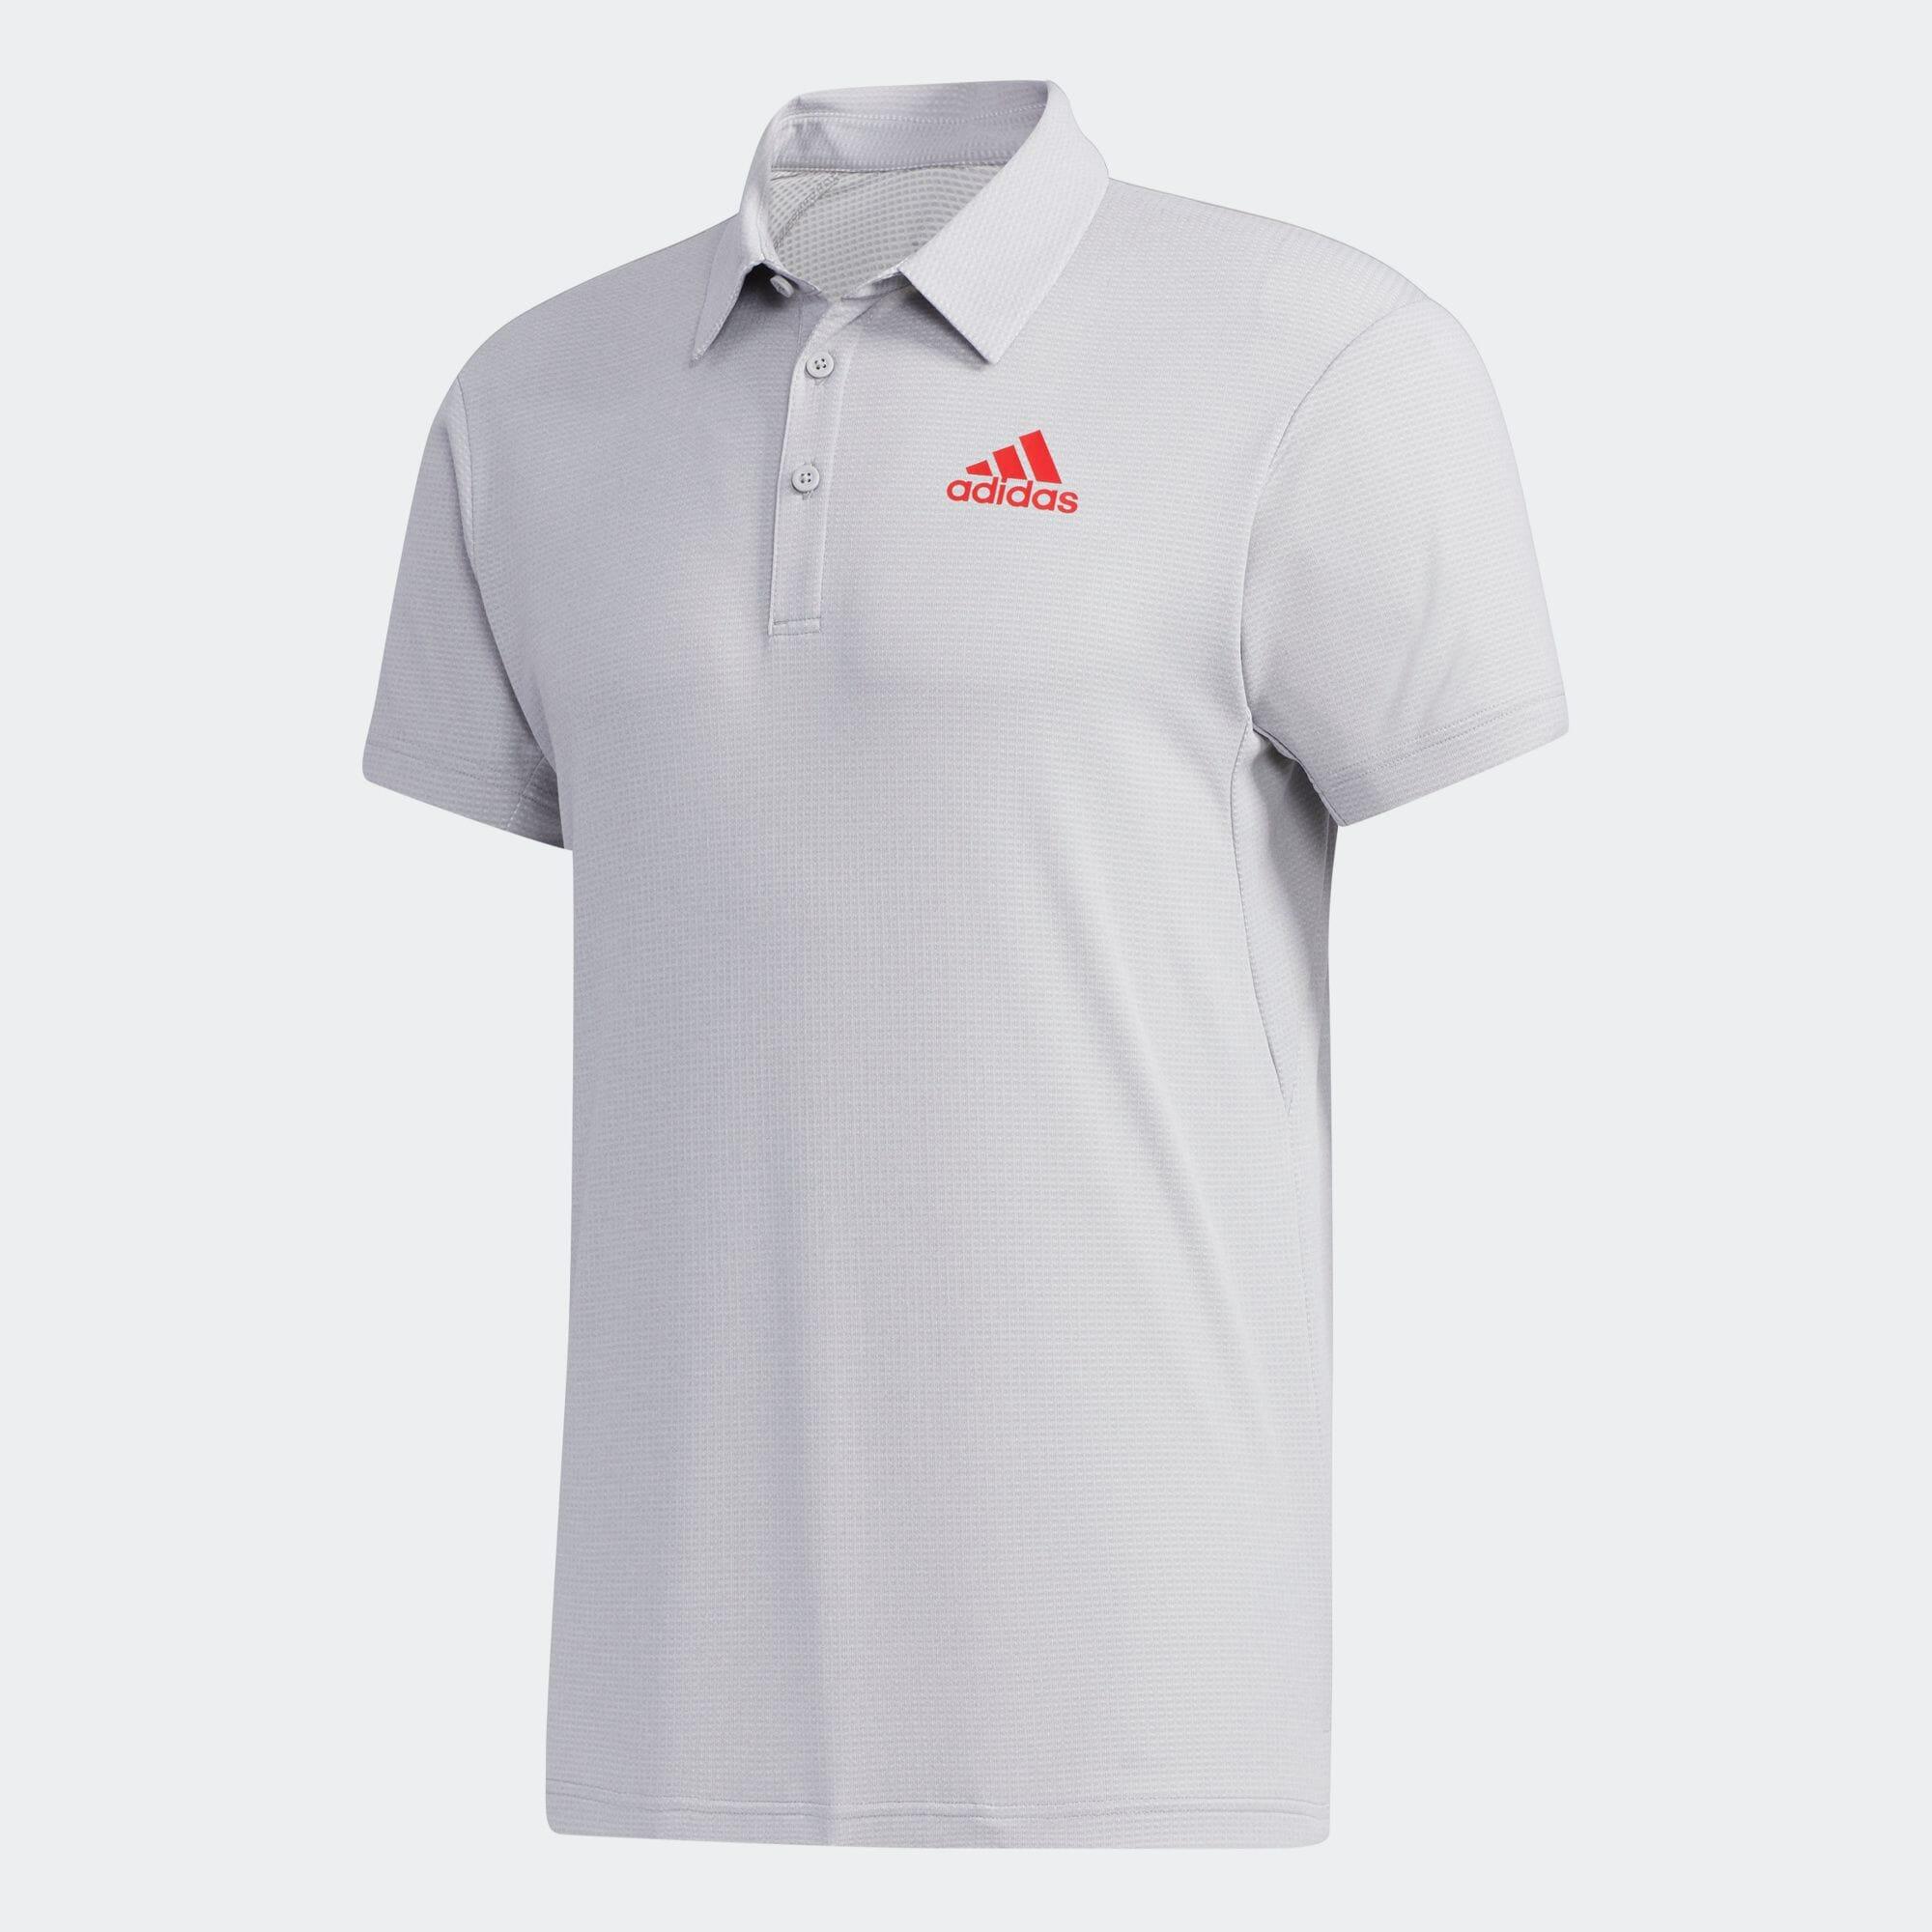 ヘザー テニスポロシャツ HEAT. RDY / HEATHER TENNIS POLO SHIRT HEAT. RDY